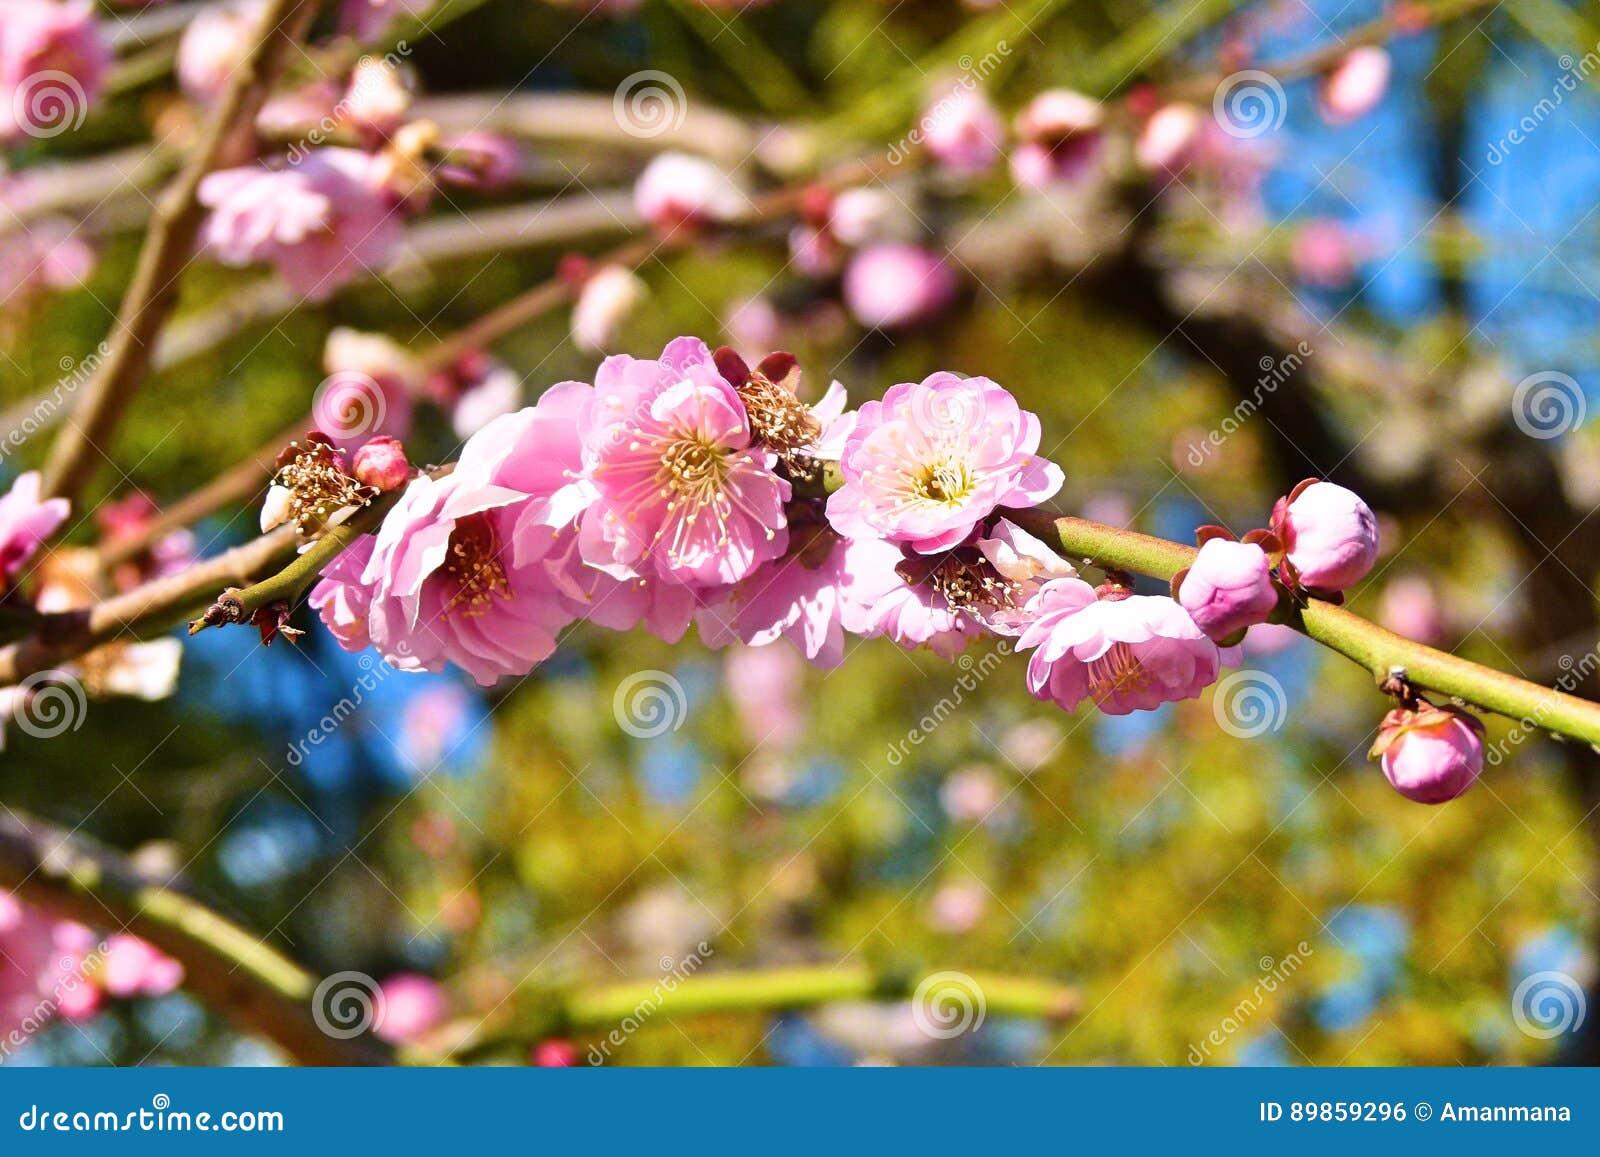 Ciliegio Fiori Bianchi O Rosa.Rosa Del Fiore Di Sakura Ciliegio Giapponese Fotografia Stock